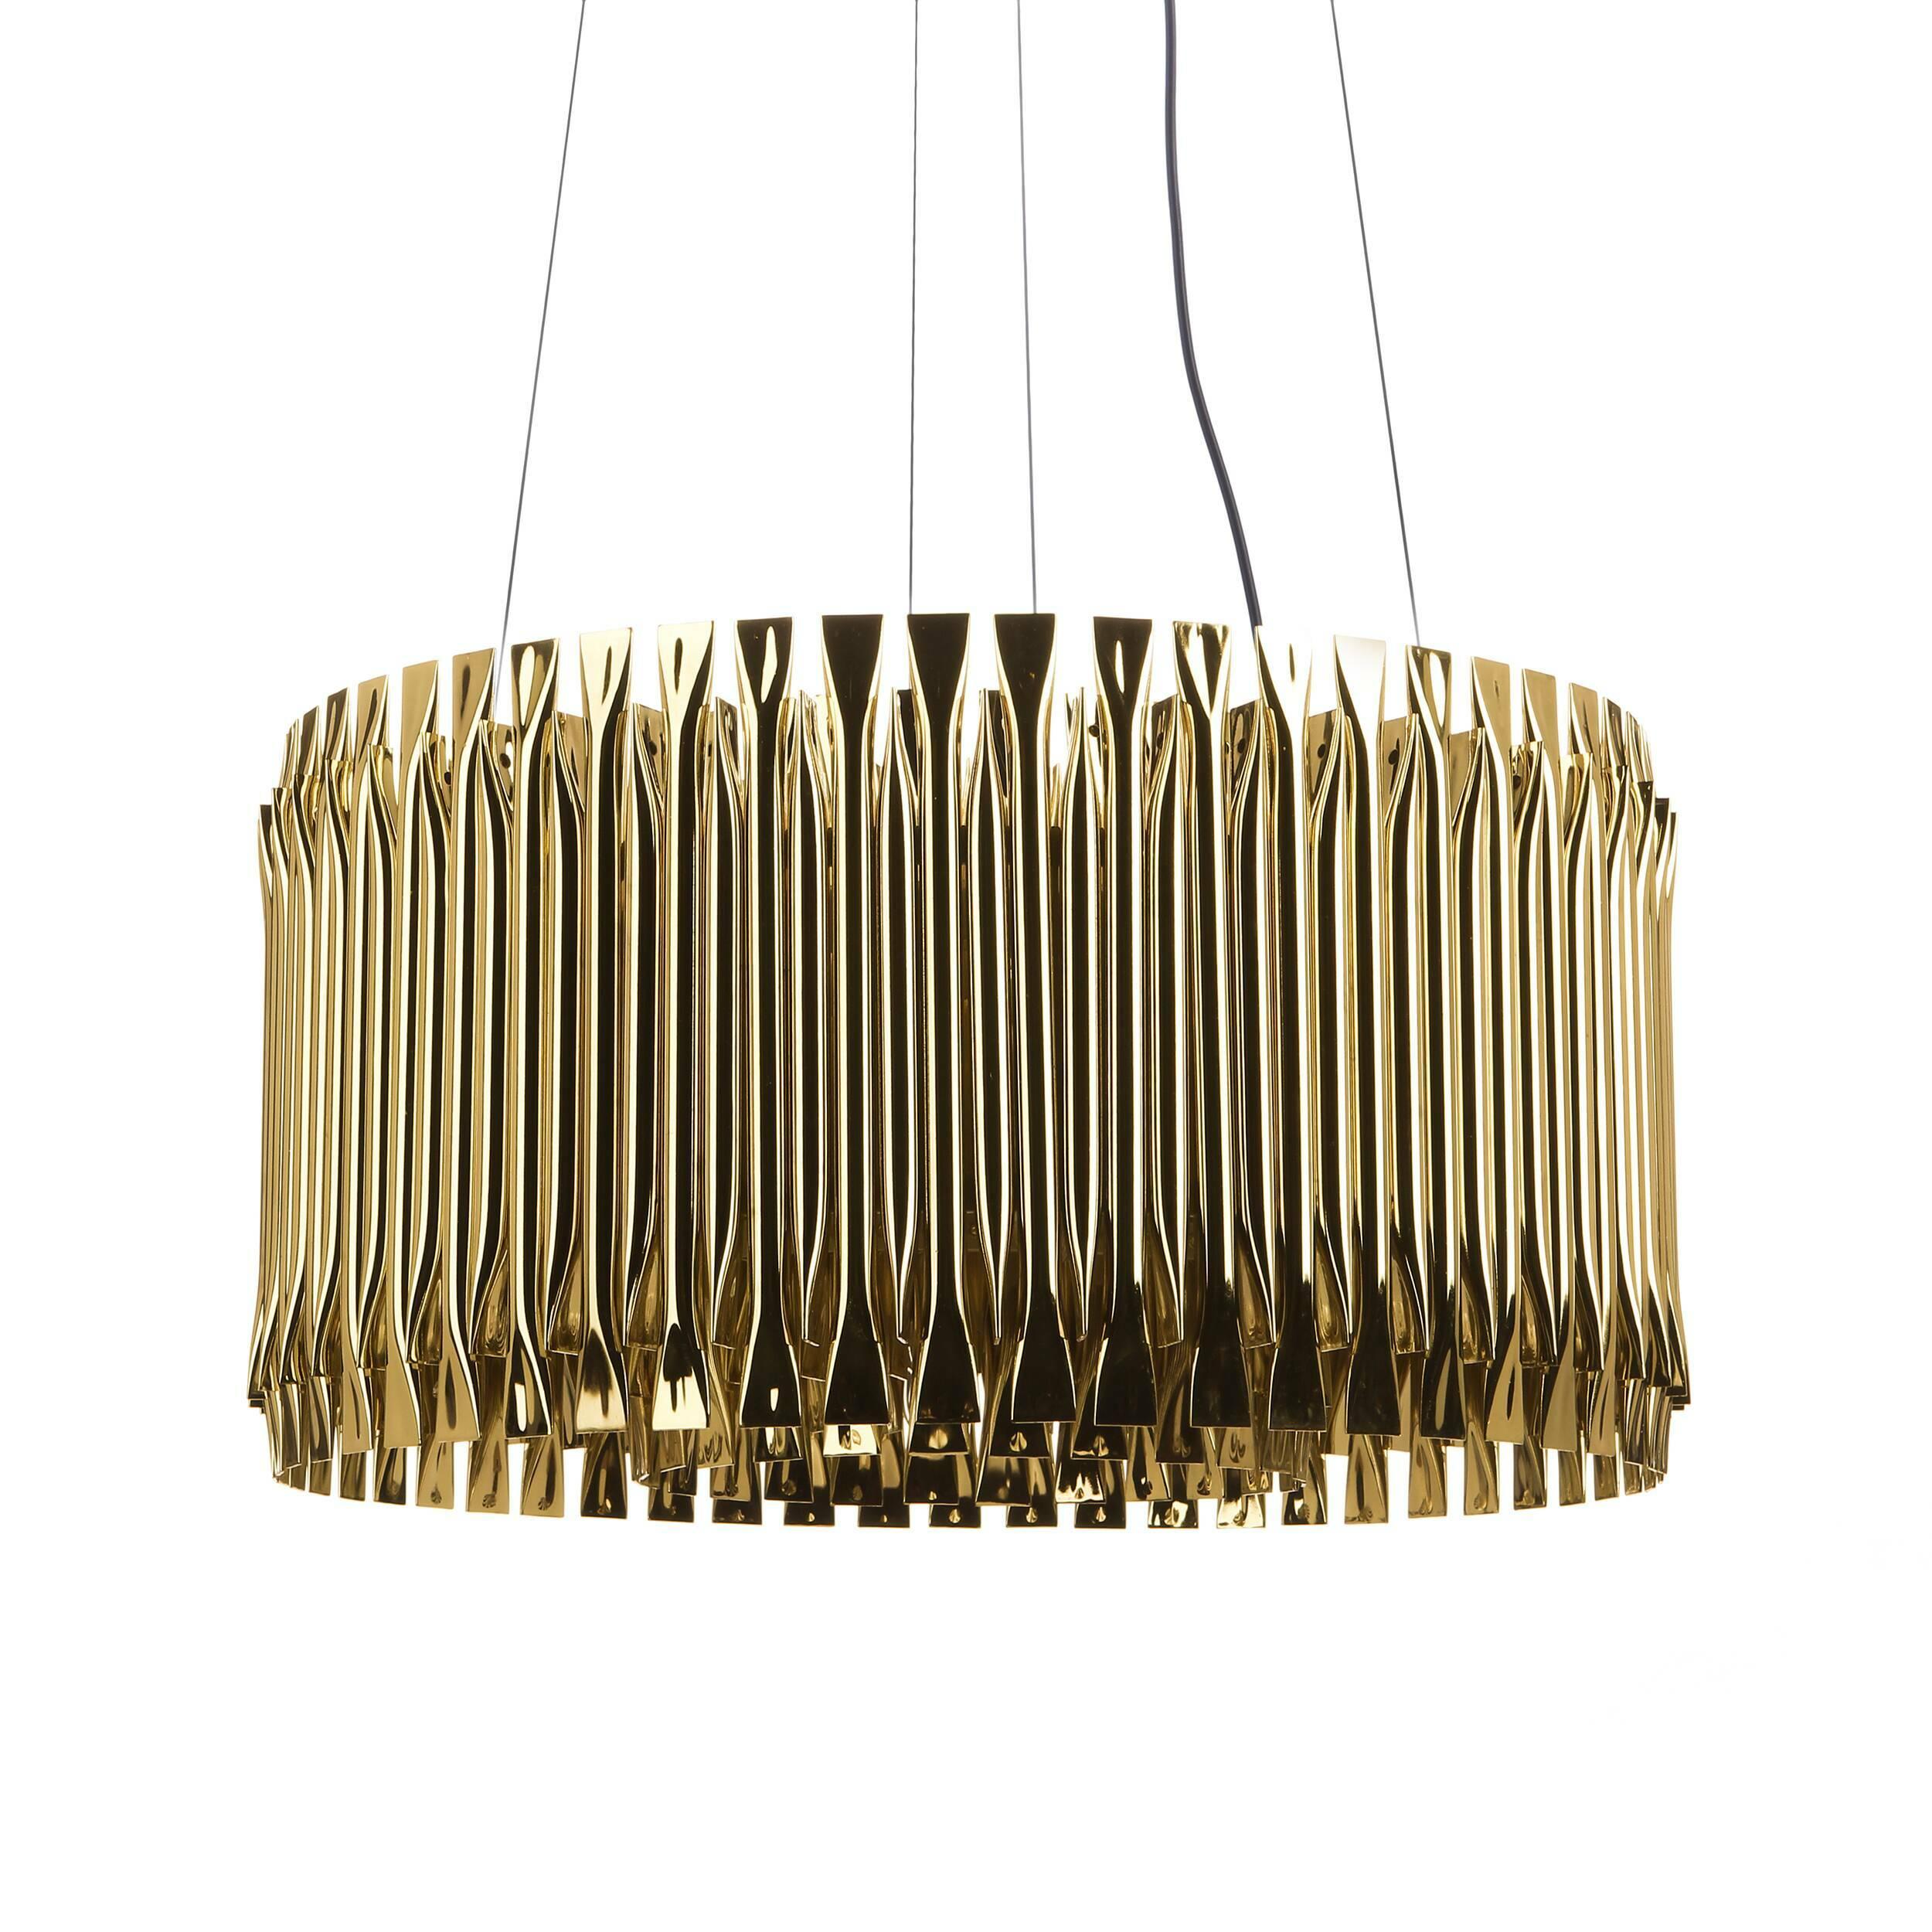 Подвесной светильник Matheny диаметр 56Подвесные<br>Дизайн подвесного светильник Matheny диаметр 56 — это обновленная классика, которой дали второй шанс. Он выполнен в популярном в двадцатых годах прошлого столетия стиле ар-деко. Появившись впервые во Франции, этот стиль стремительно распространился на континенте и в Америке. Мастера ар-деко любили использовать такие материалы, как алюминий, нержавеющая сталь, эмаль, инкрустации по дереву, кожа акулы и зебры. Активно применяли зигзагообразные и ступенчатые формы, широкие и энергичные кривы...<br><br>stock: 0<br>Высота: 150<br>Диаметр: 56<br>Количество ламп: 4<br>Материал абажура: Нержавеющая сталь<br>Мощность лампы: 40<br>Ламп в комплекте: Нет<br>Напряжение: 220<br>Тип лампы/цоколь: E27<br>Цвет абажура: Золотой